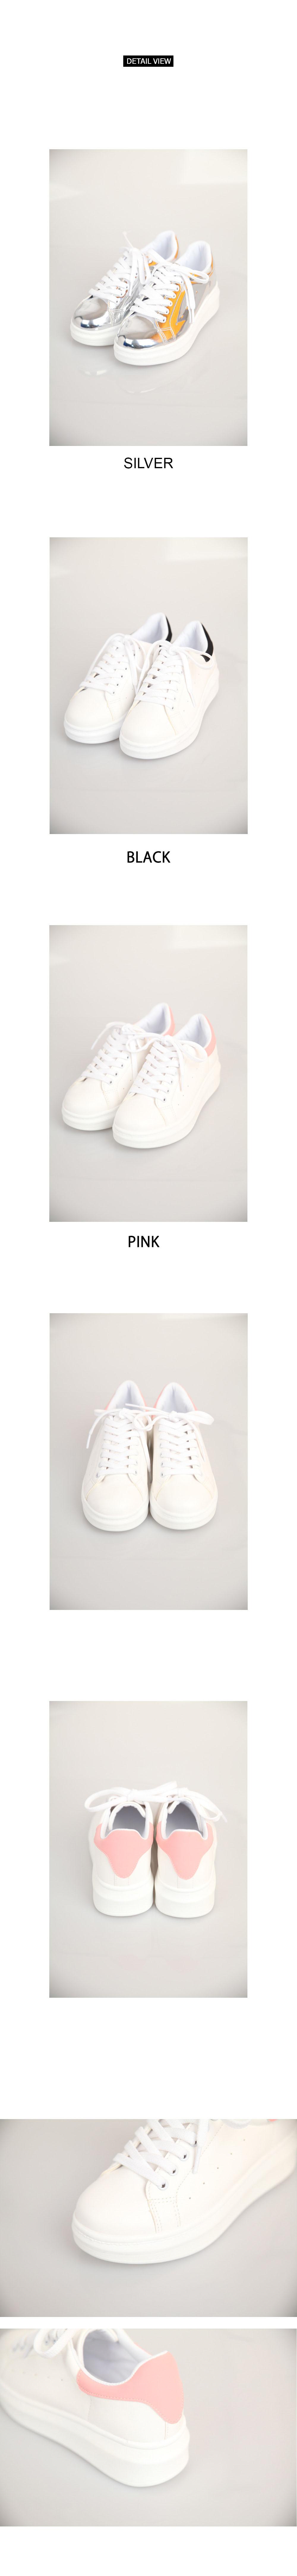 Bibi 7 neck sneakers